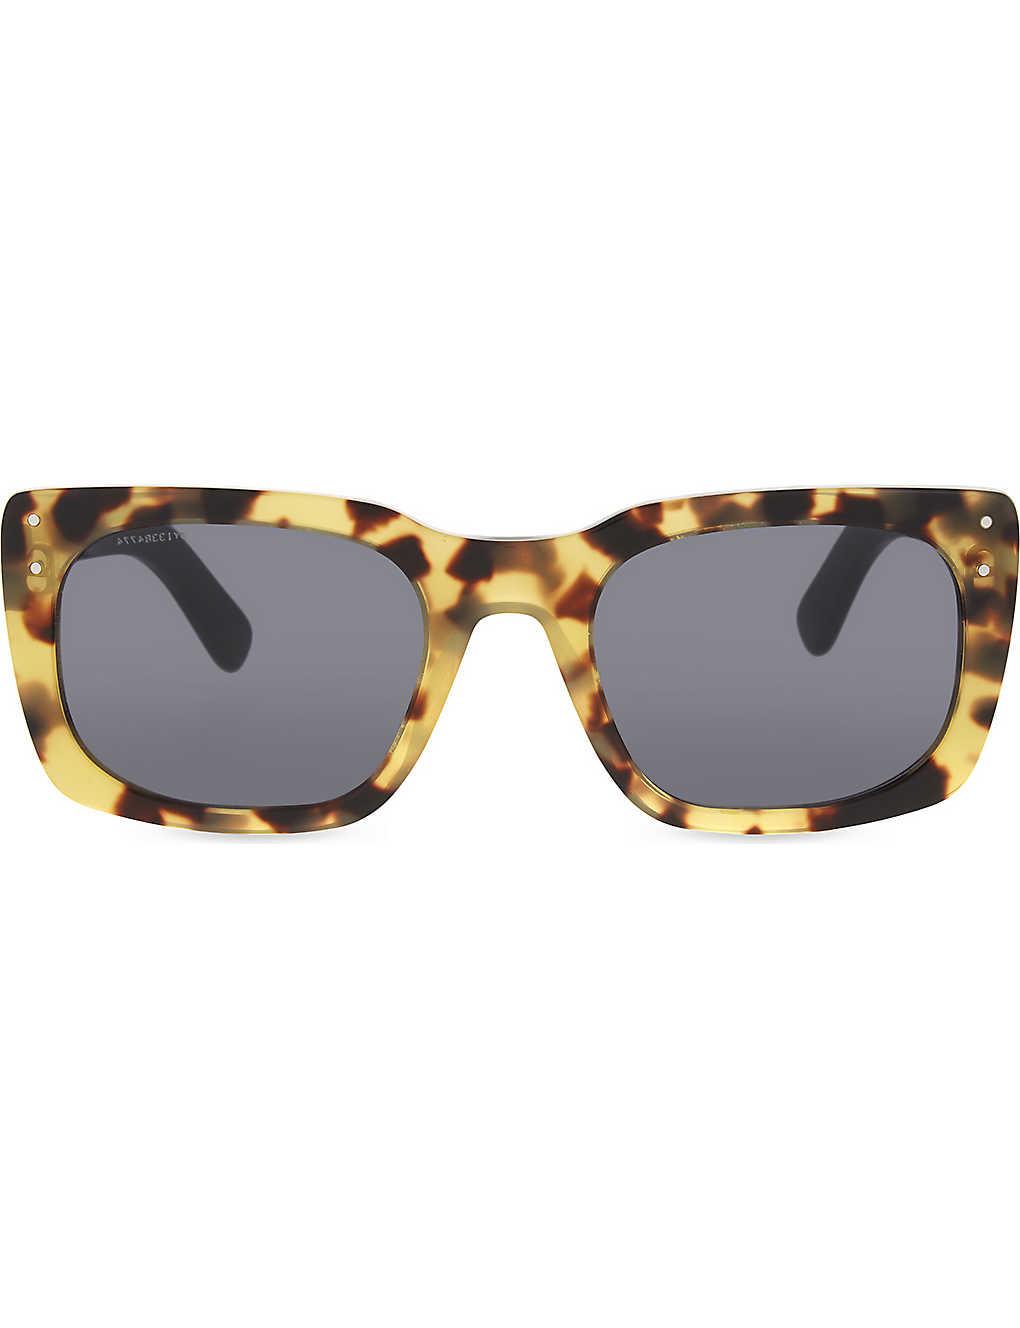 d77827a465d9 BURBERRY - BE4223 Runway square-frame sunglasses | Selfridges.com